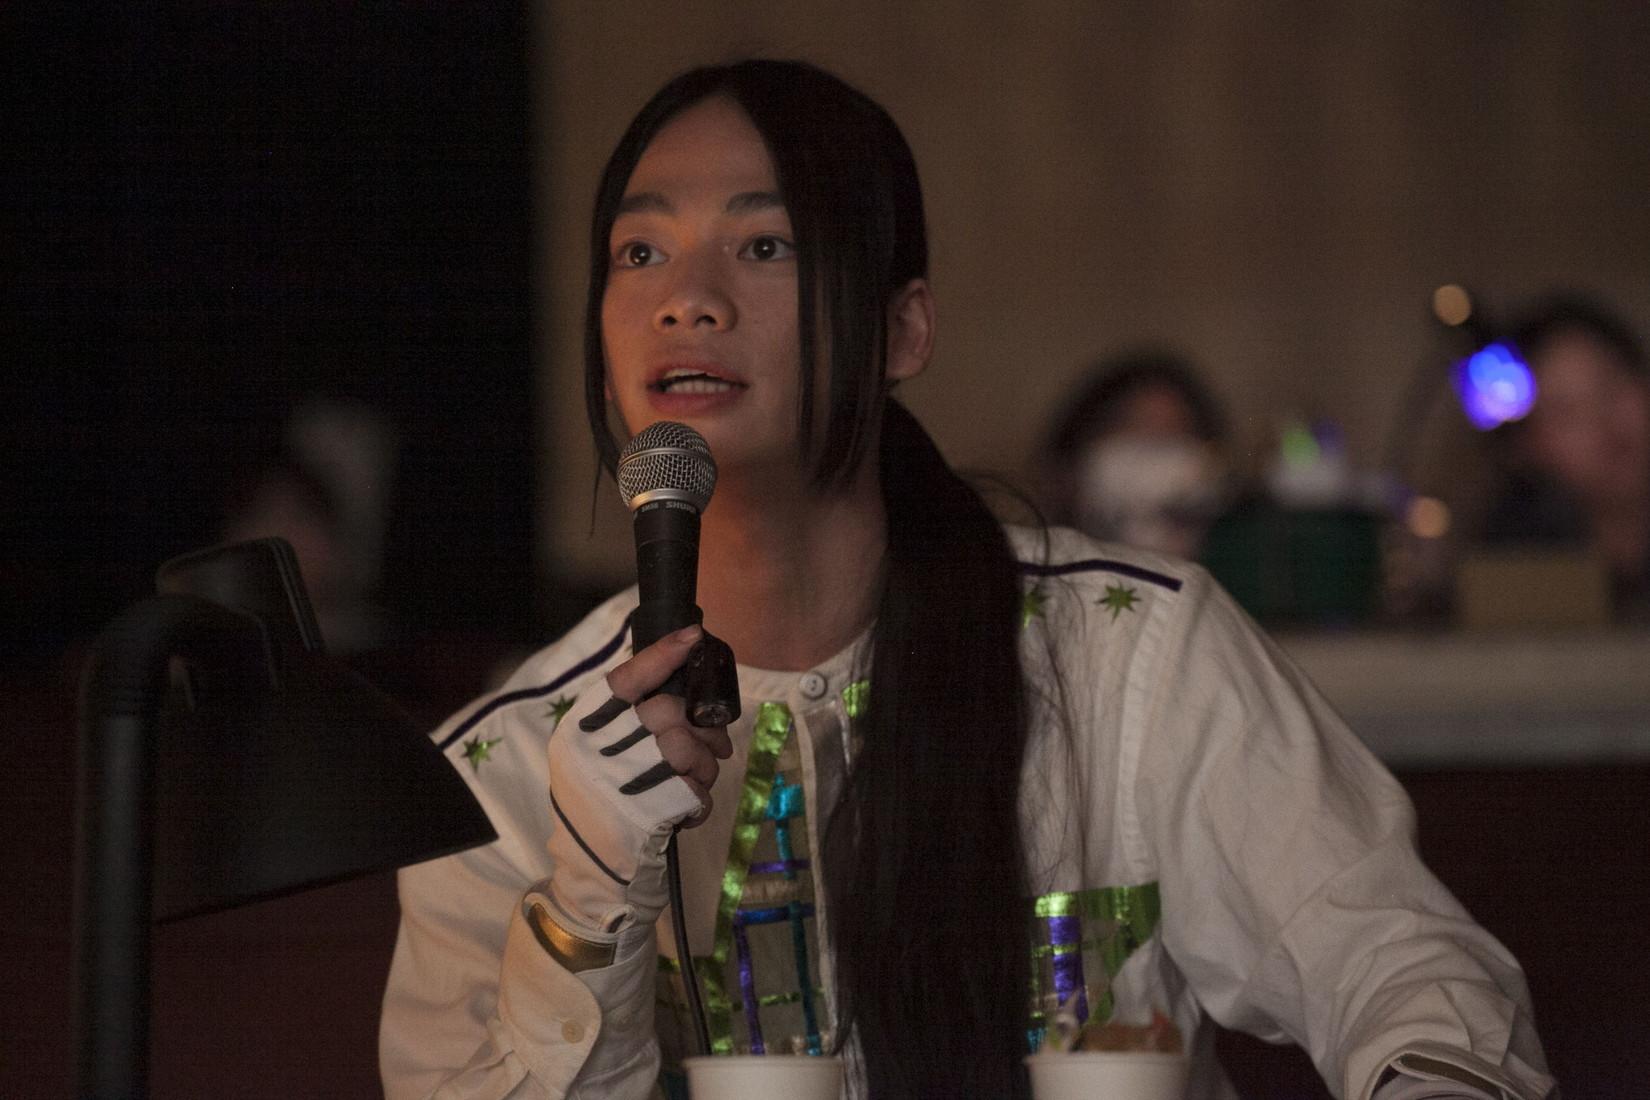 演出家席から指示を出す池田純矢